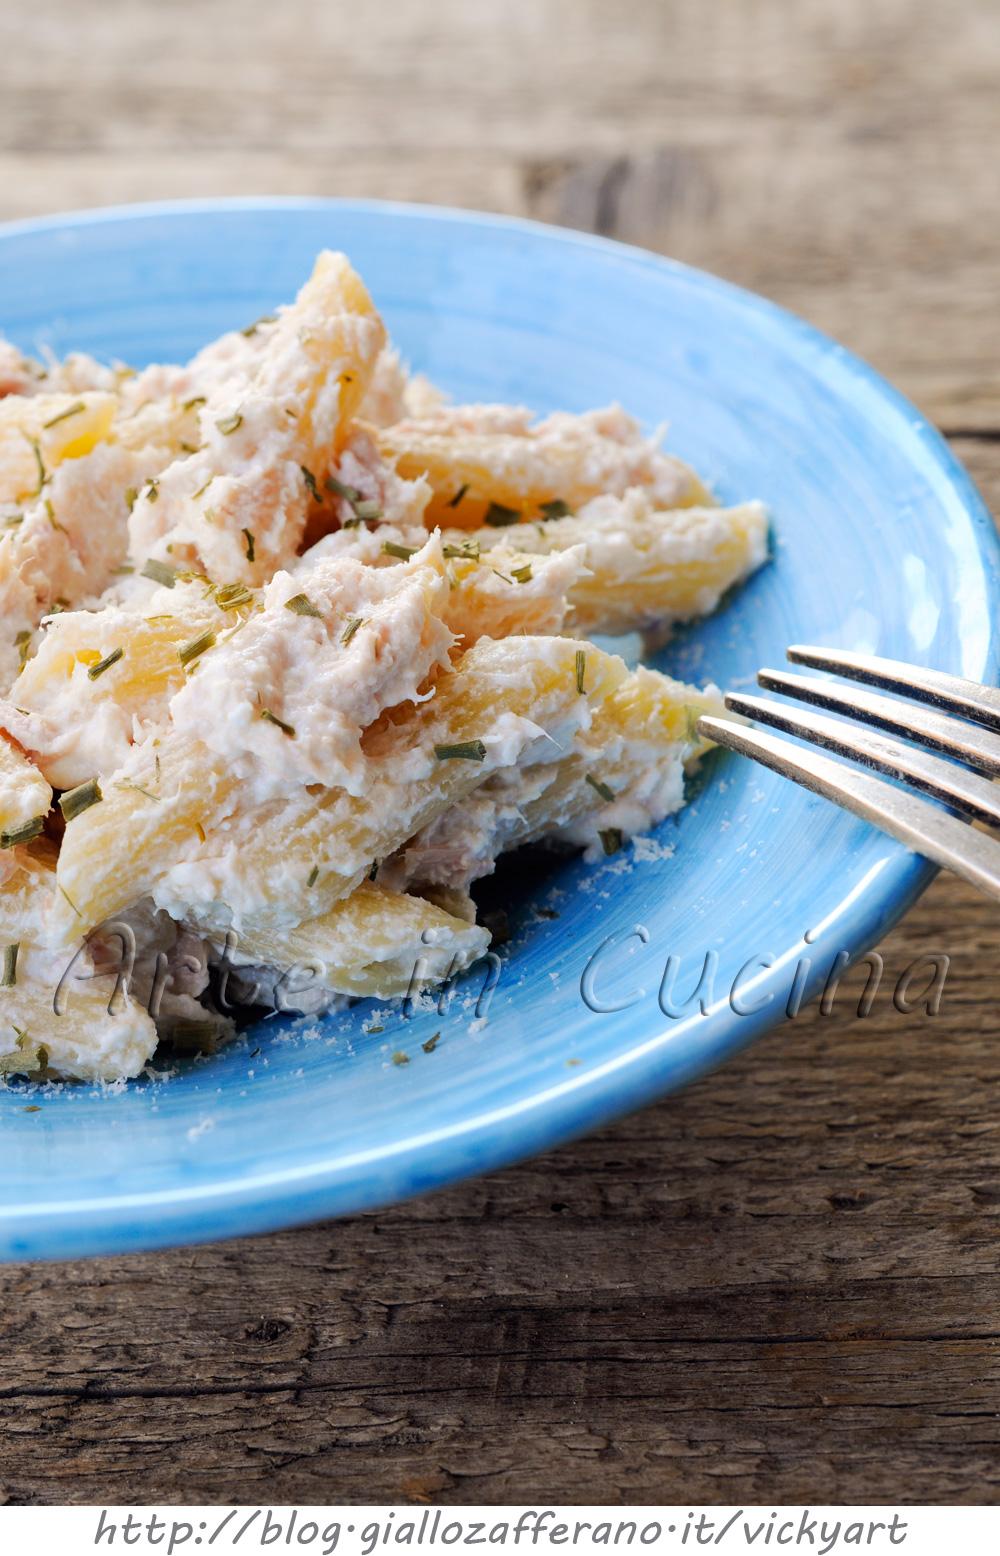 Mac and cheese con tonno primo veloce e leggero vickyart arte in cucina